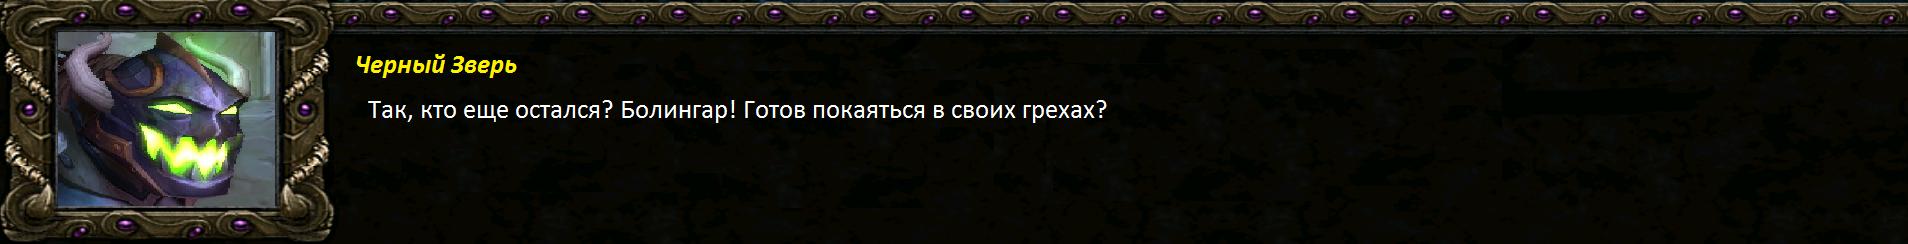 Шаблон ДкВар 15.17